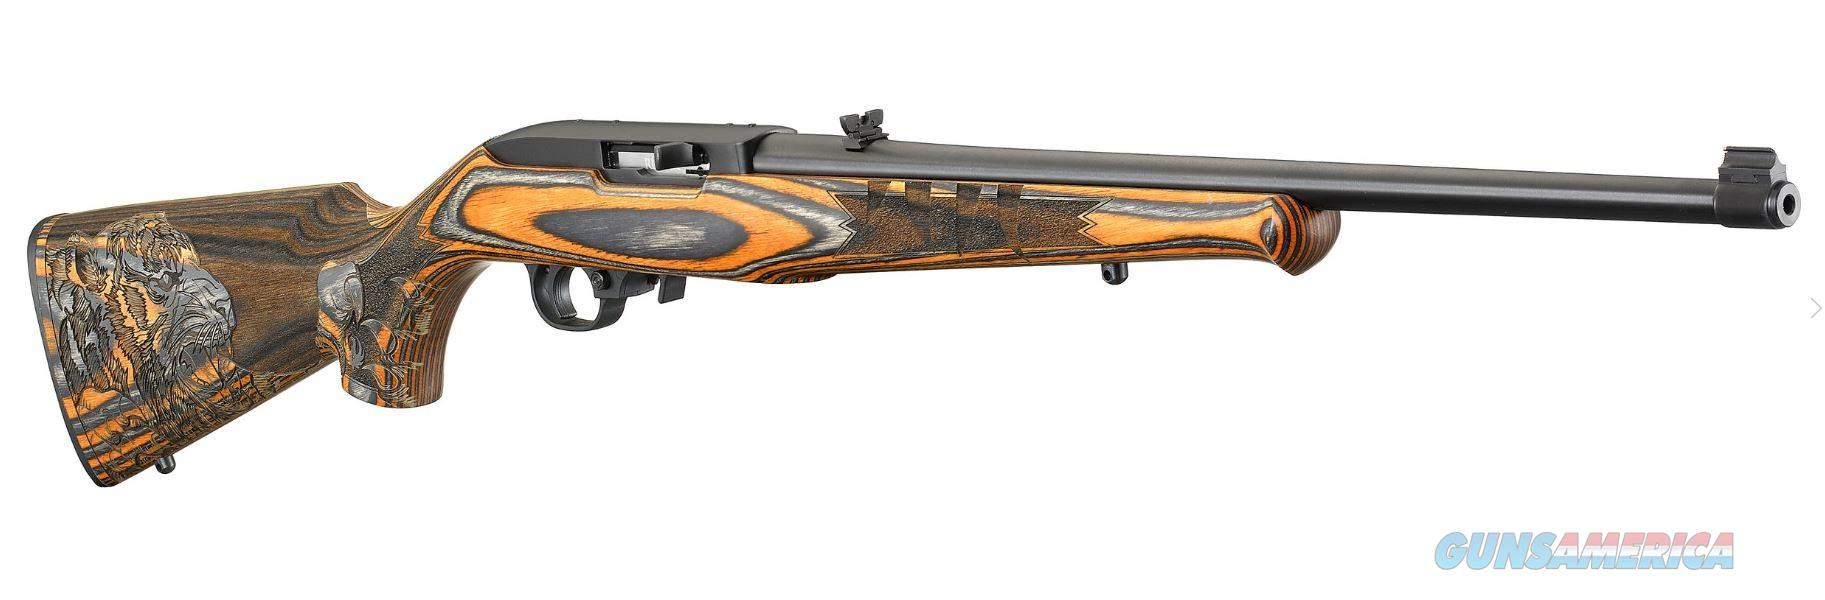 Ruger 10/22 Carbine Bengal Tiger .22 LR TALO 31125  Guns > Rifles > Ruger Rifles > 10-22